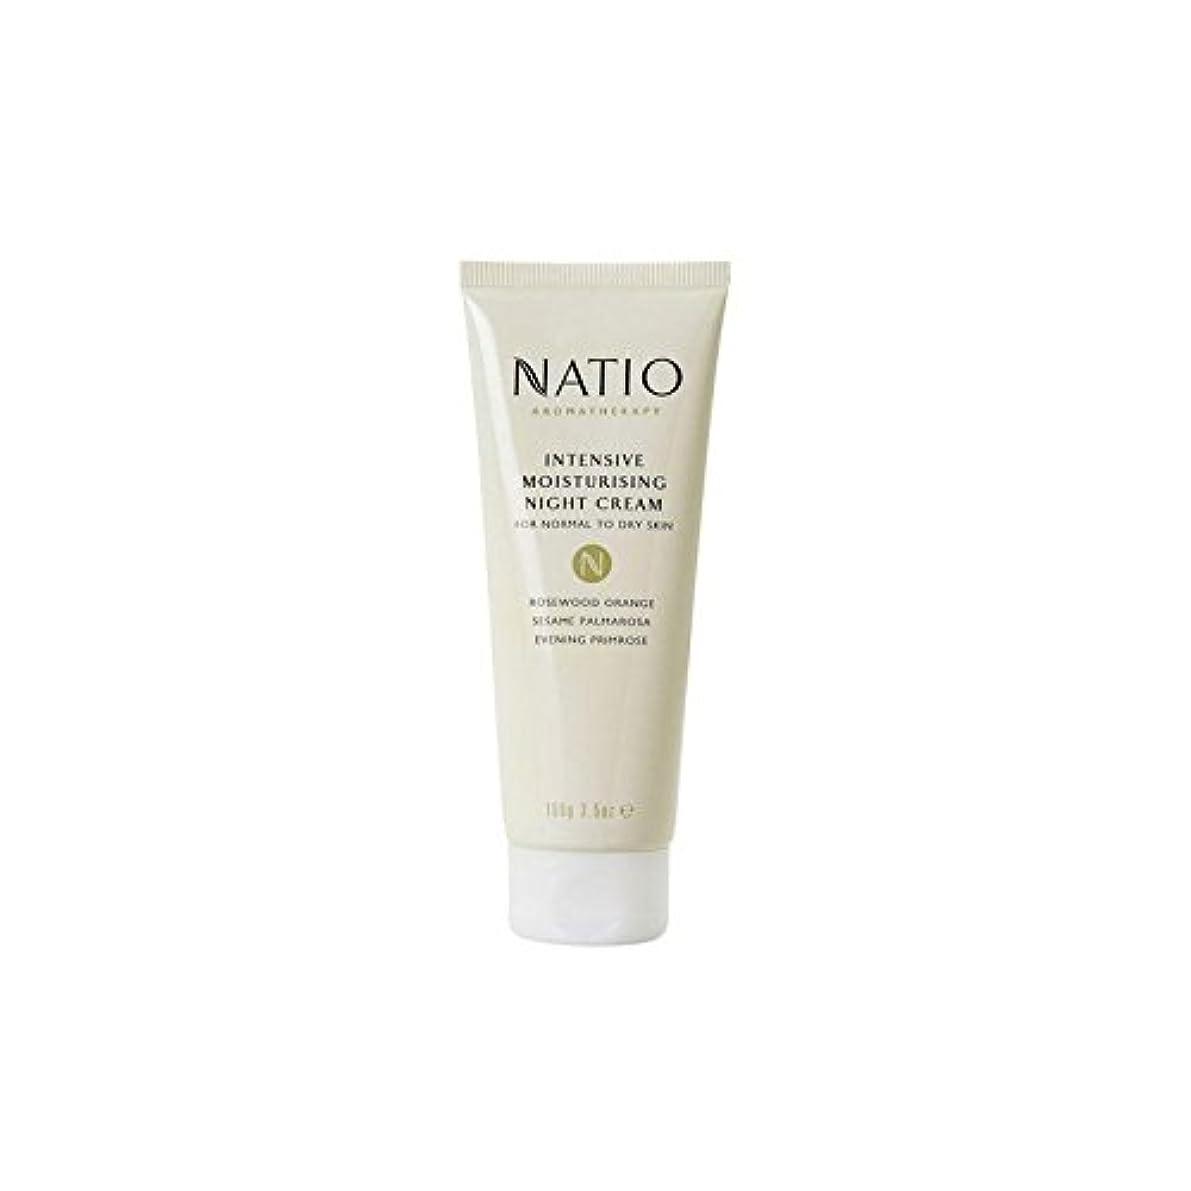 ウールミリメーター万一に備えてNatio Intensive Moisturising Night Cream (100G) (Pack of 6) - 集中的な保湿ナイトクリーム(100グラム) x6 [並行輸入品]